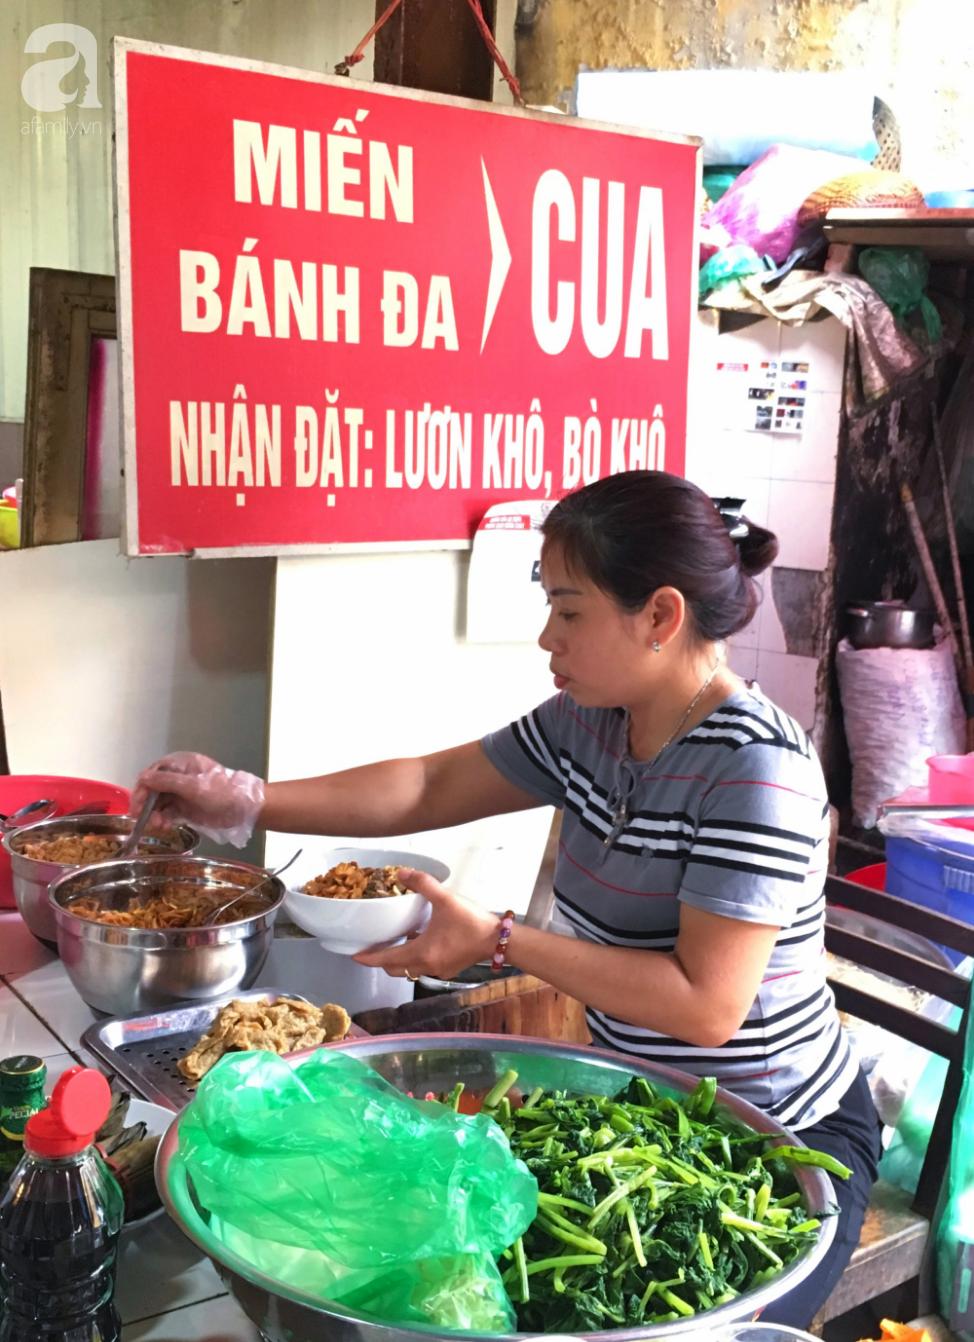 Khám phá quán bánh đa cua 25 năm tuổi trong chợ Châu Long khiến nhiều người khen tặng bánh đa cua ngon nhất Hà Nội - Ảnh 2.